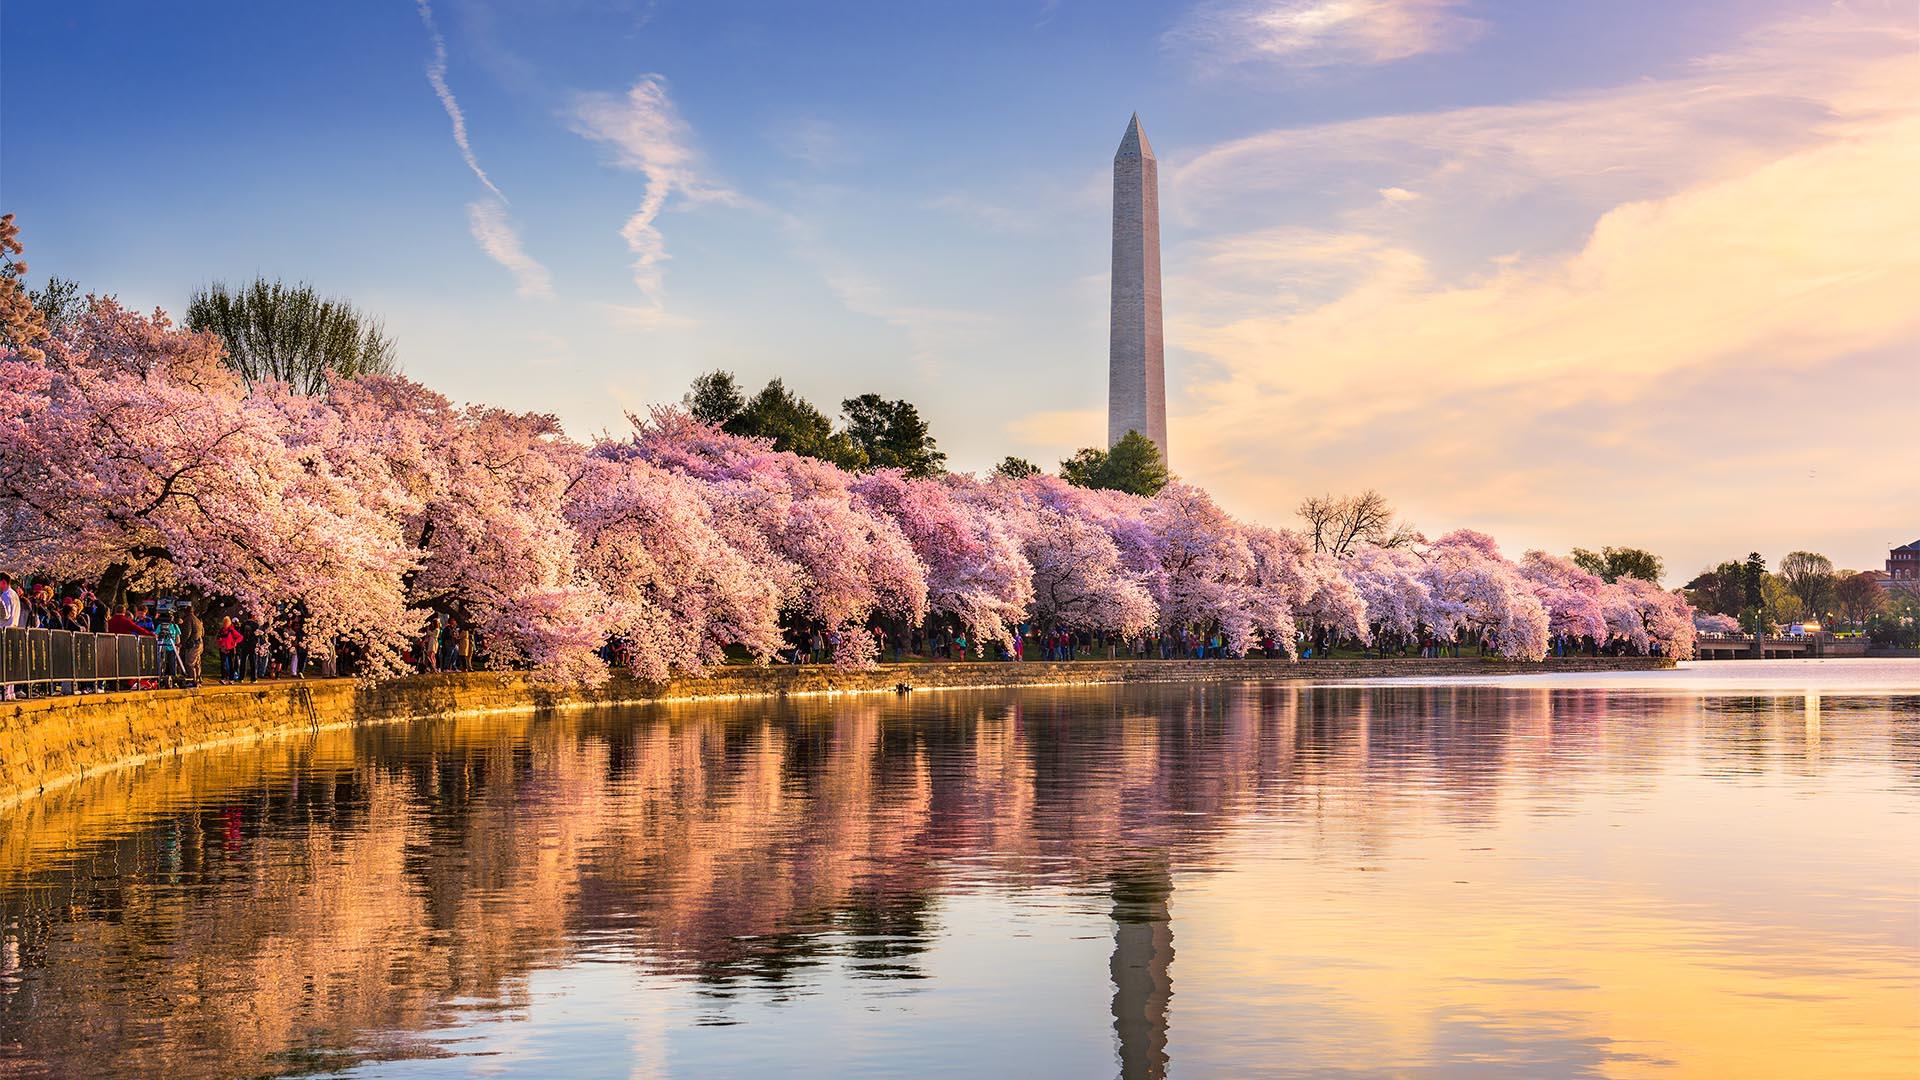 La capital de los Estados Unidos está repleta de monumentos emblemáticos, vastos museos y los pasillos del poder donde deambulan los políticos. Washington DC es una ciudad segura en general